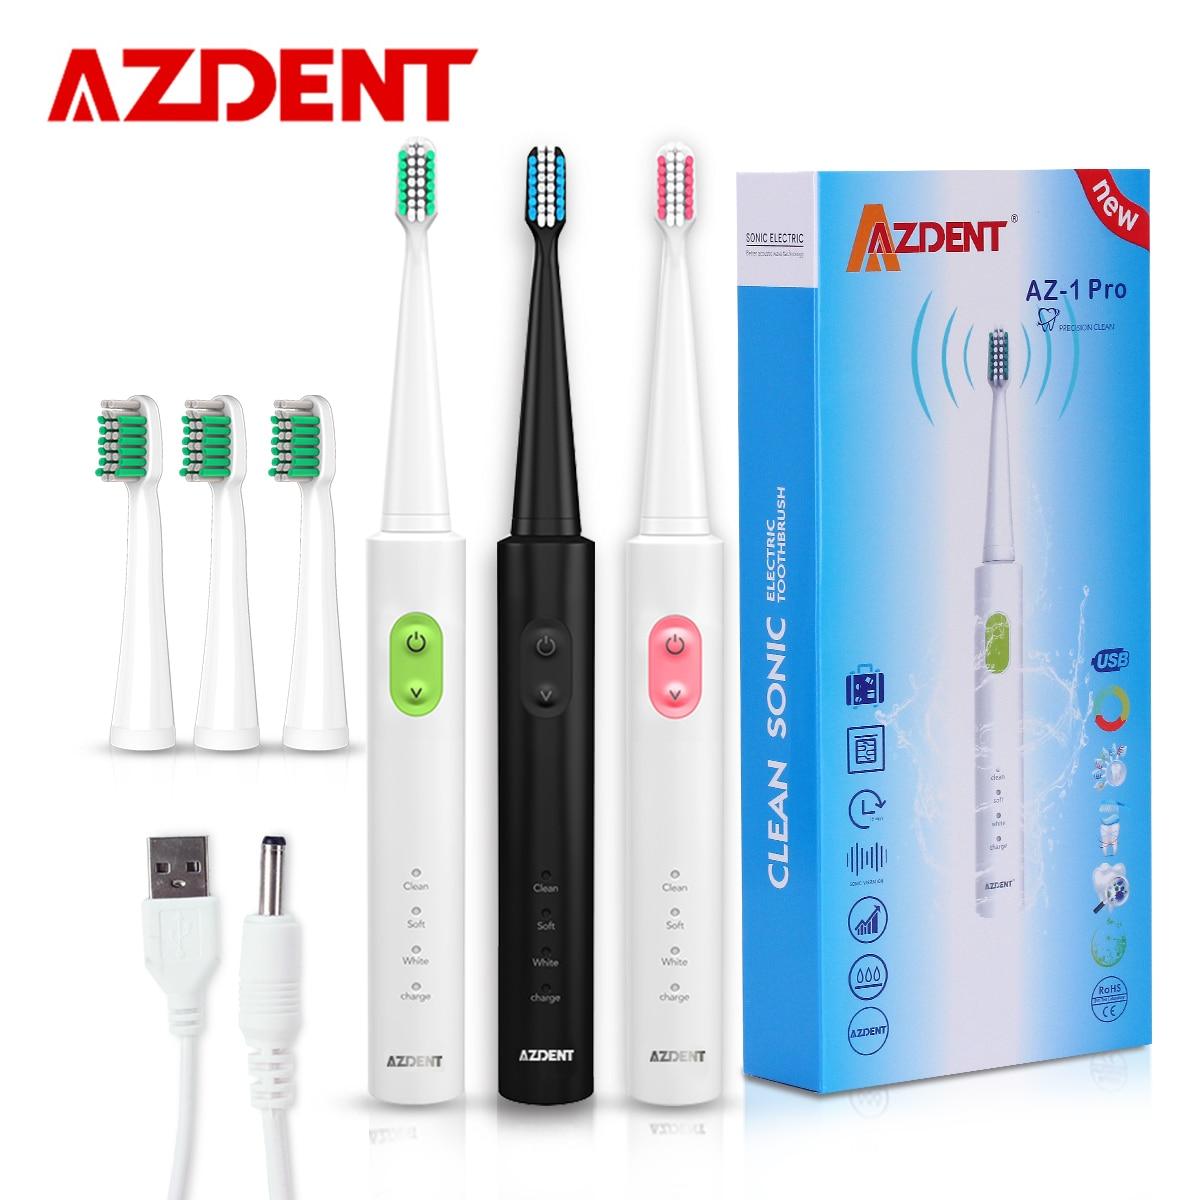 AZDENT Nuovo AZ-1 Pro Sonic Teste Spazzolino Da Denti Elettrico Ricaricabile Carica USB 4 Pz Sostituibile Timer Denti spazzolino Da Denti Impermeabile